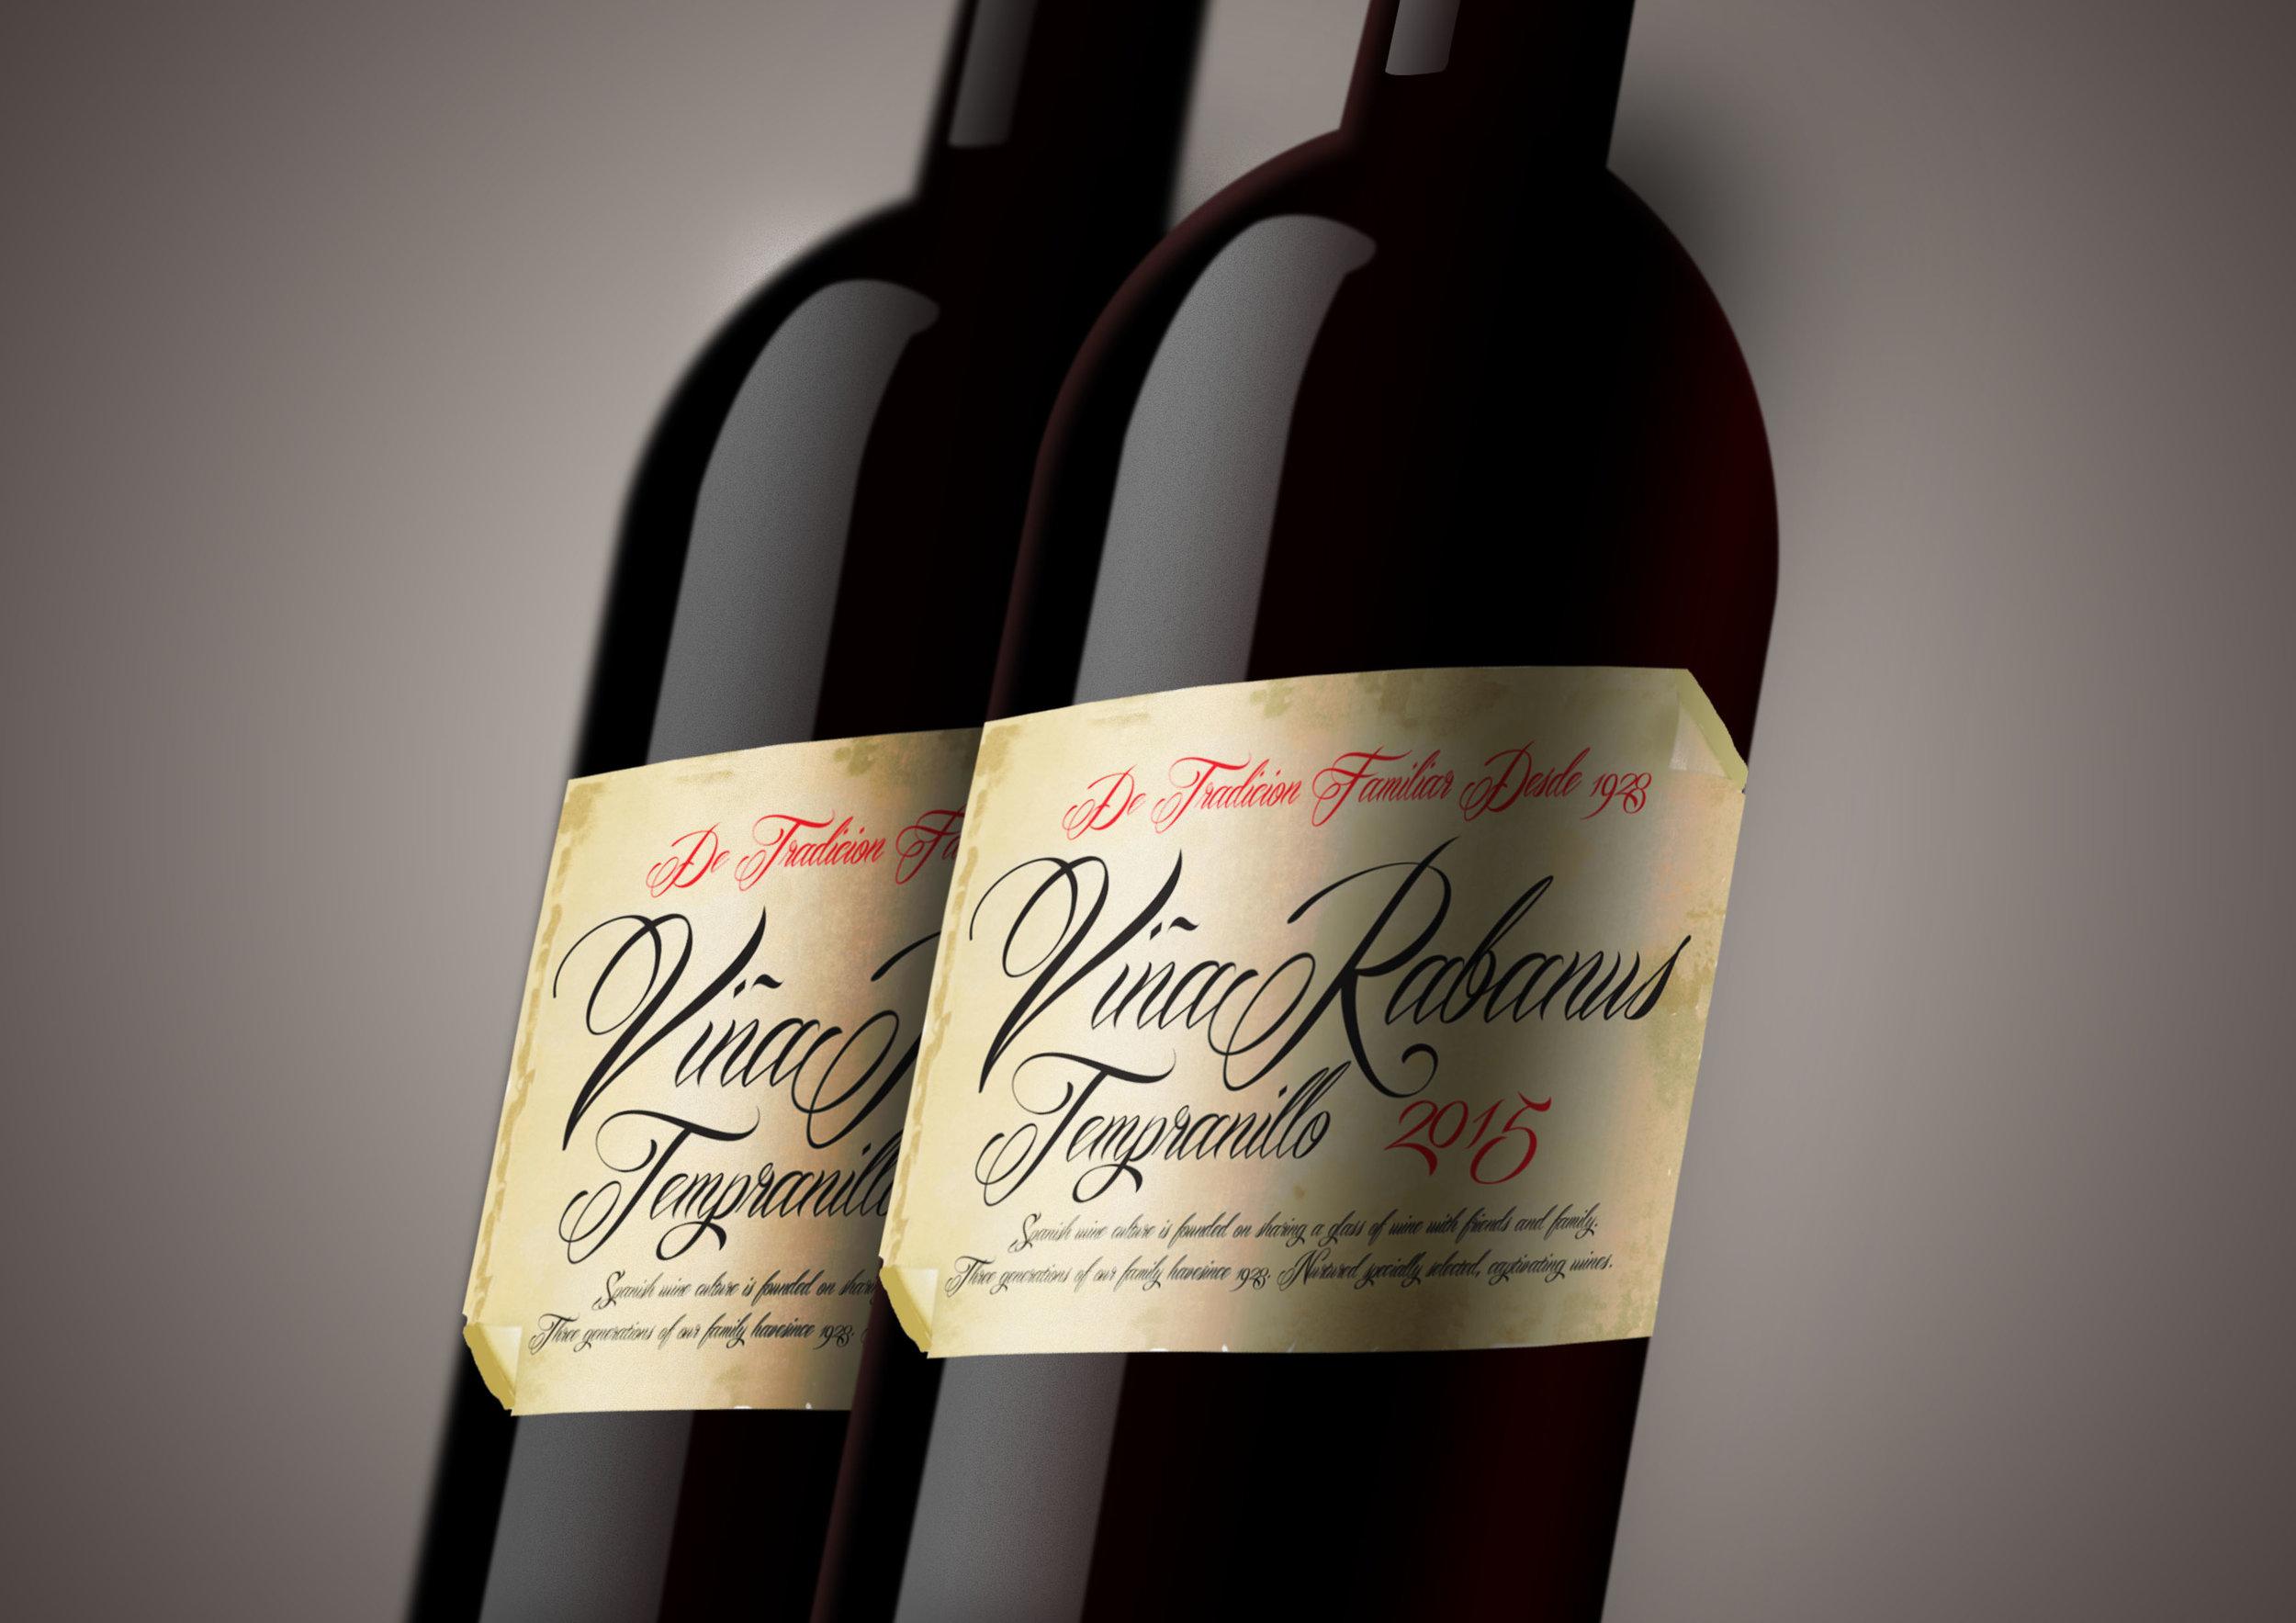 Vina Rabanus 2 Bottle Mock Up.jpg